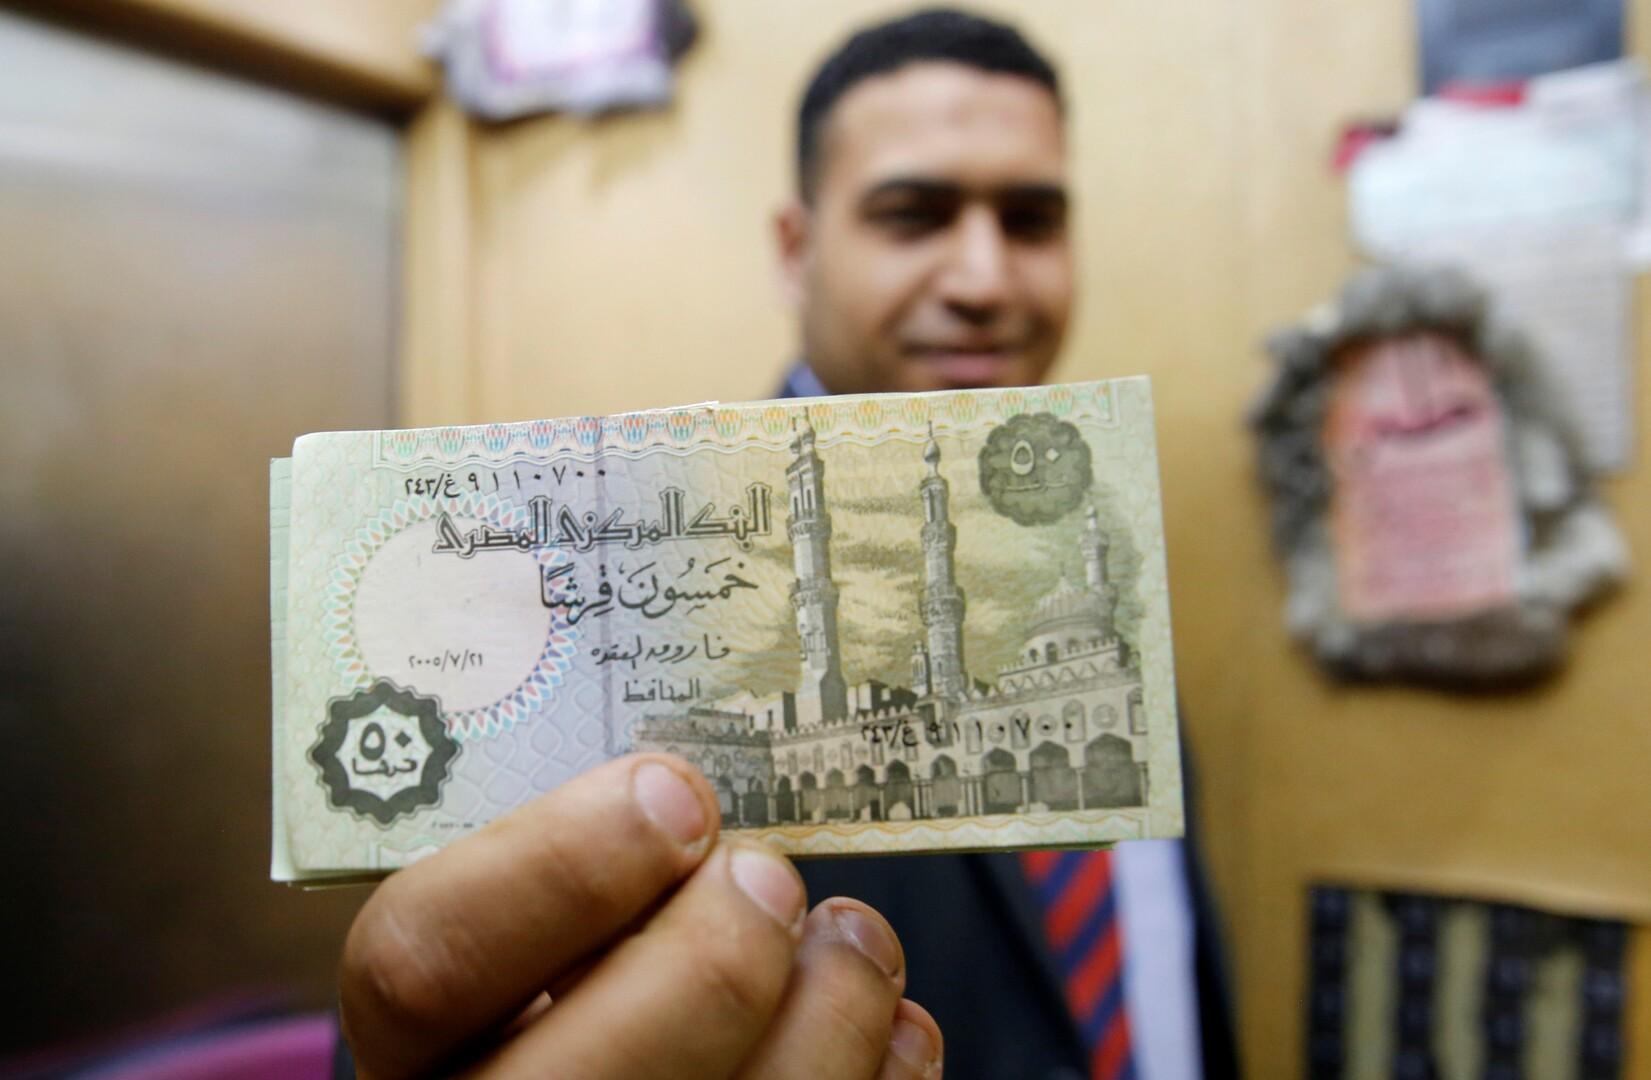 وزارة المالية المصرية تكشف حقيقة الأنباء عن زيادة الضرائب